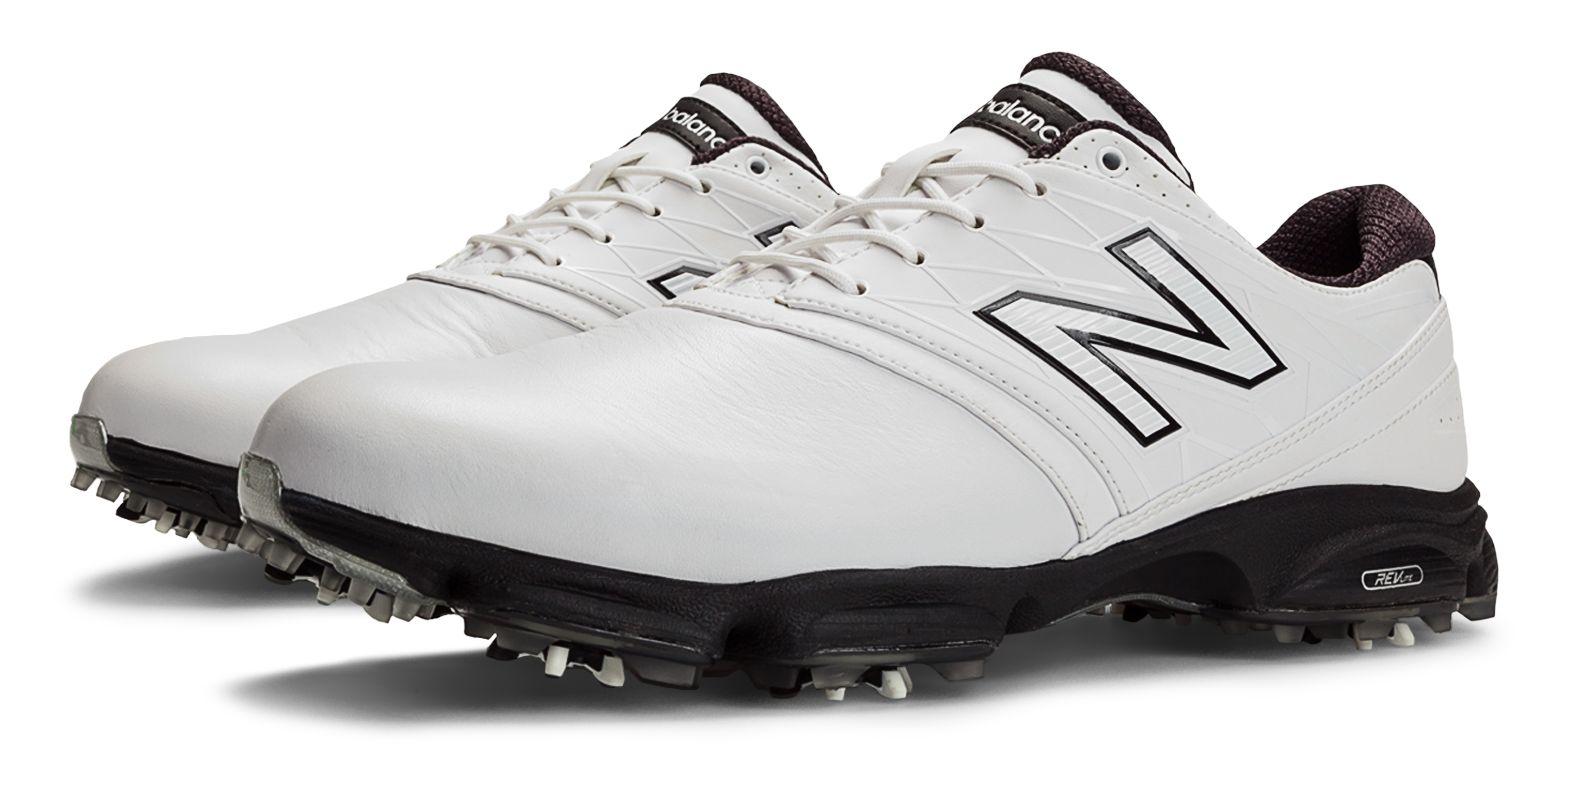 New Balance - NBG2001 (Men's) - White